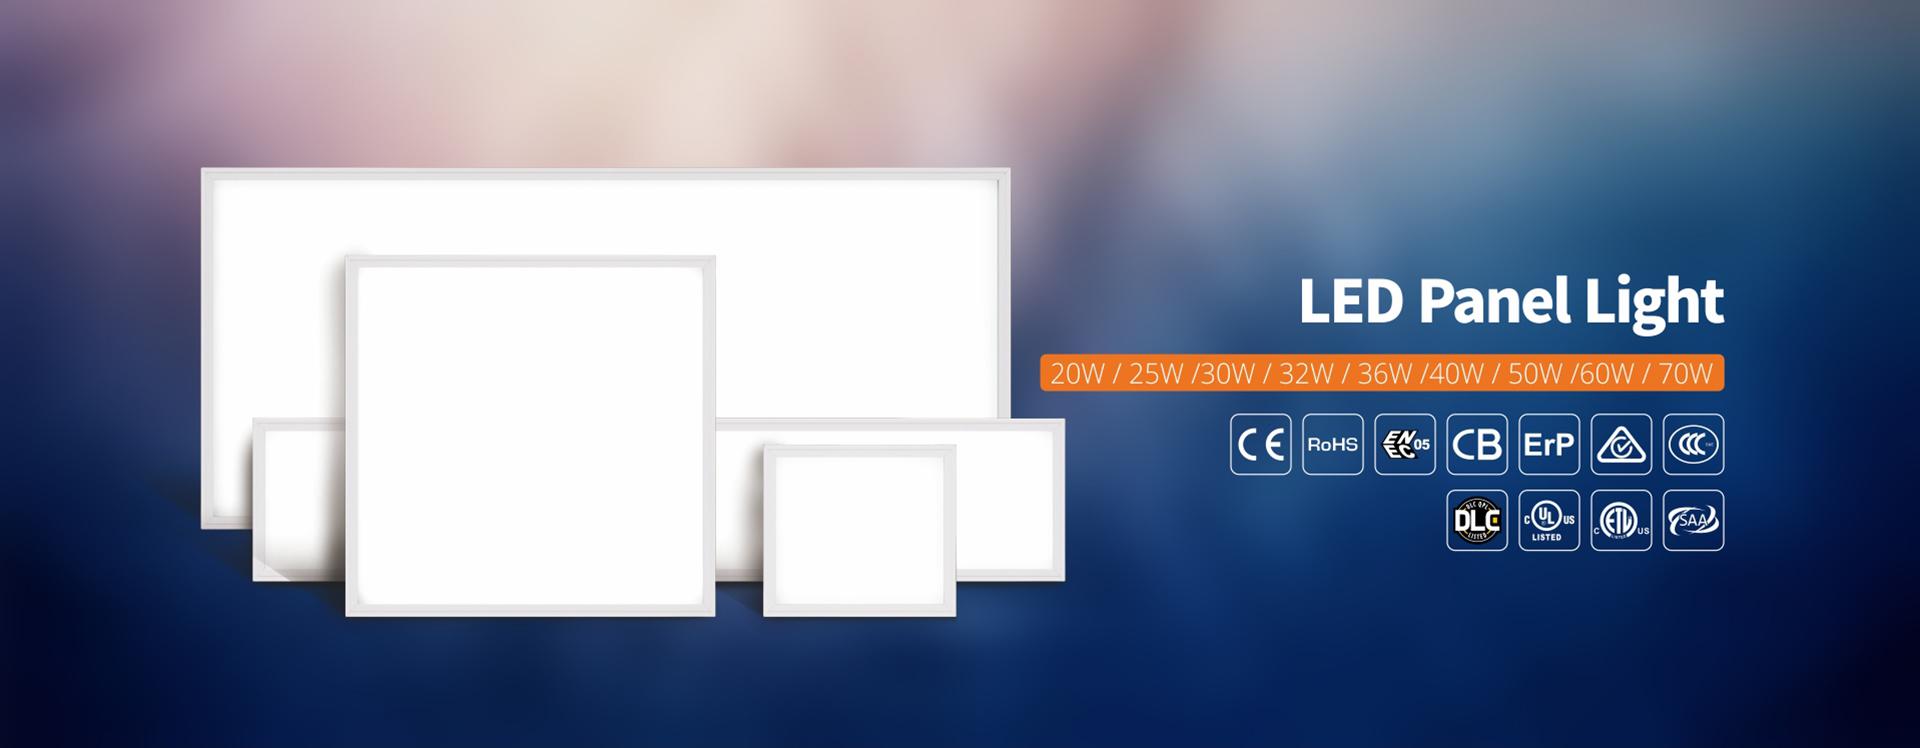 科瑞普P16 LED 面板灯-bannar1